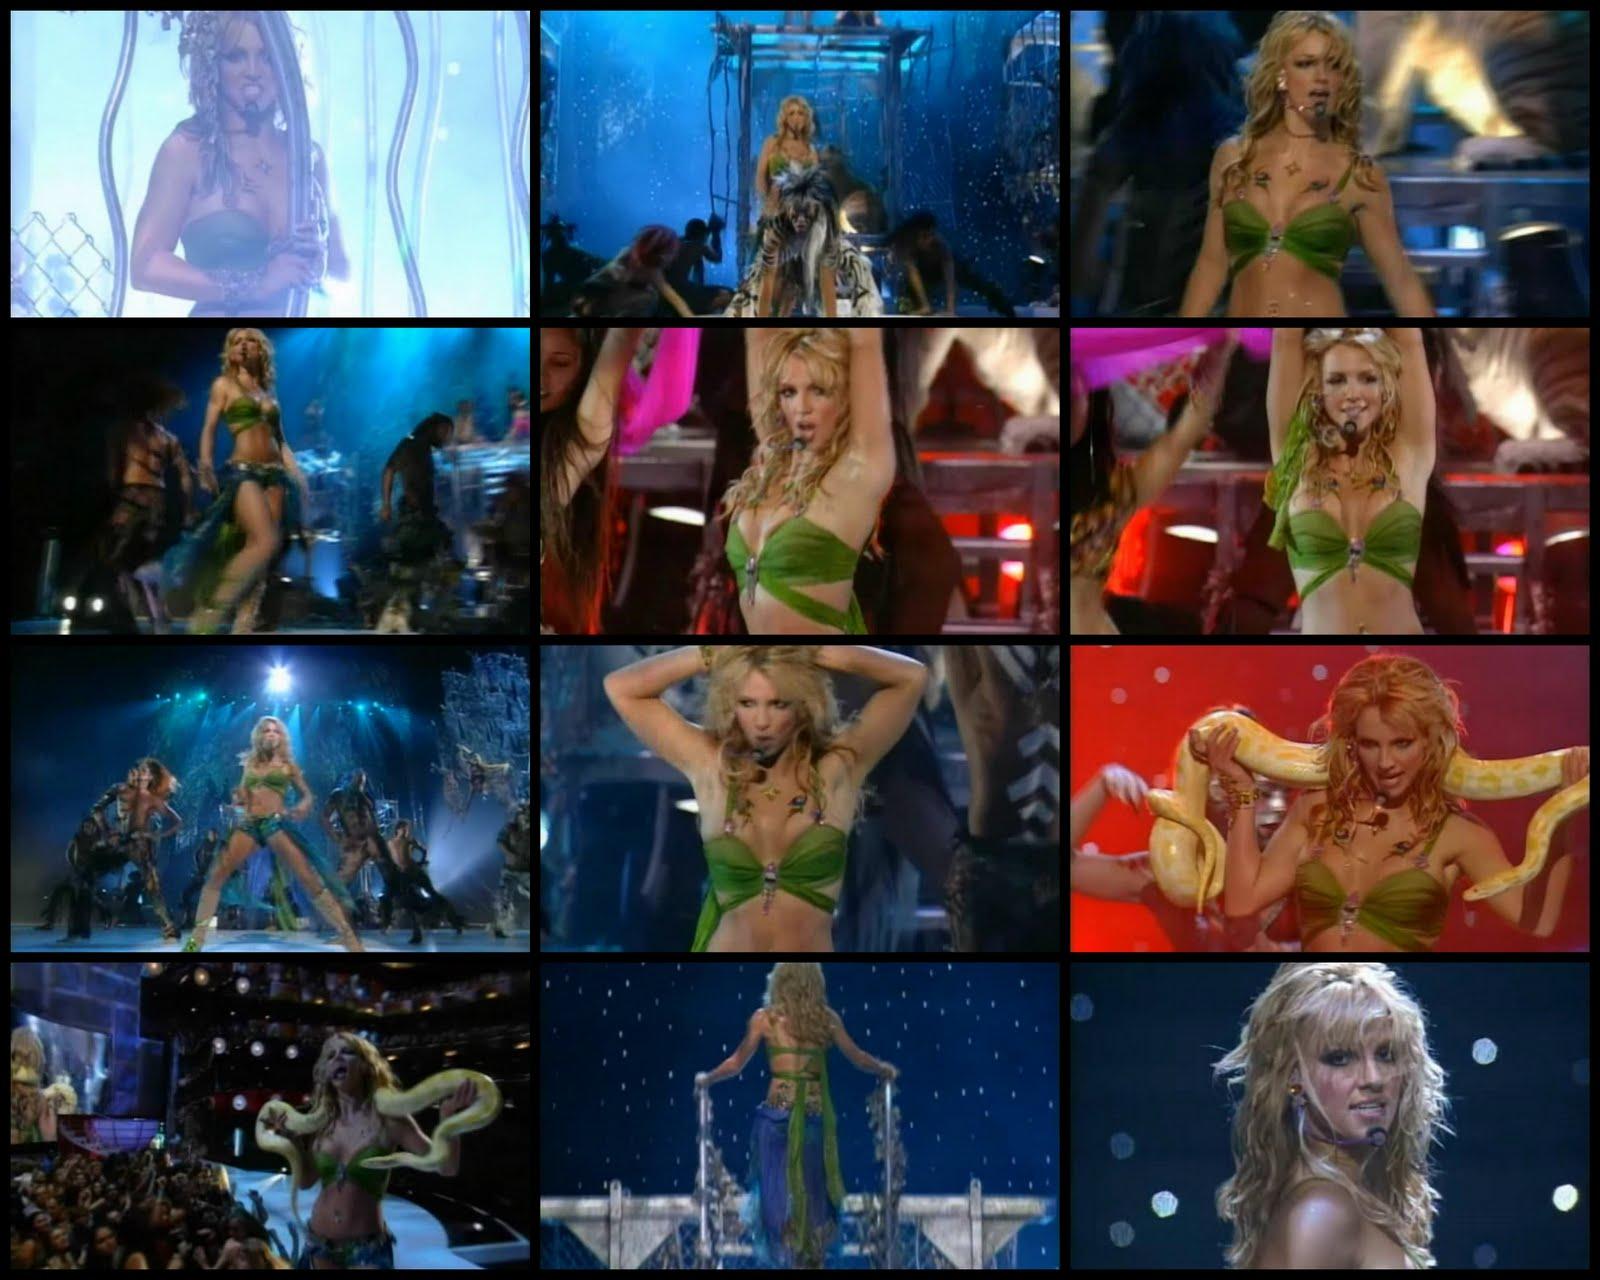 http://3.bp.blogspot.com/_SBOl9sb3cEI/SwMZXRGcXfI/AAAAAAAAAW8/rUL1btSWXBM/s1600/Slave+(VMA).jpg